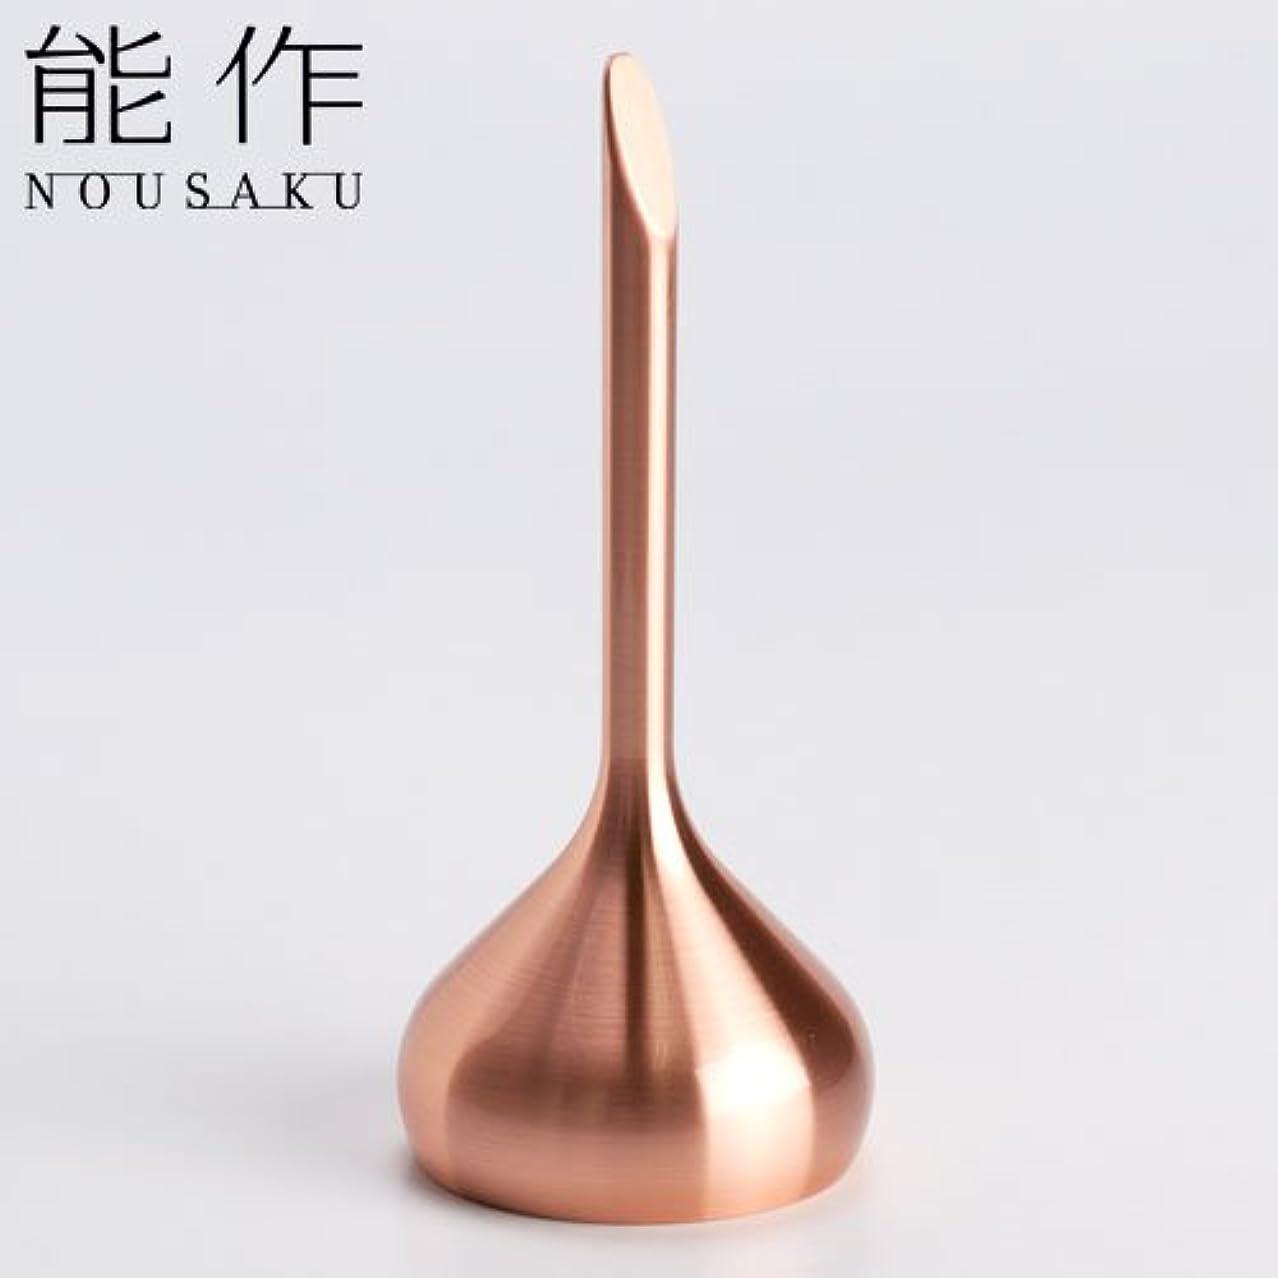 地震ホーム簡単に能作 ベル(呼び鈴)オニオンピンクゴールド能作真鍮製のインテリア?ホームアクセサリー卓上ベル